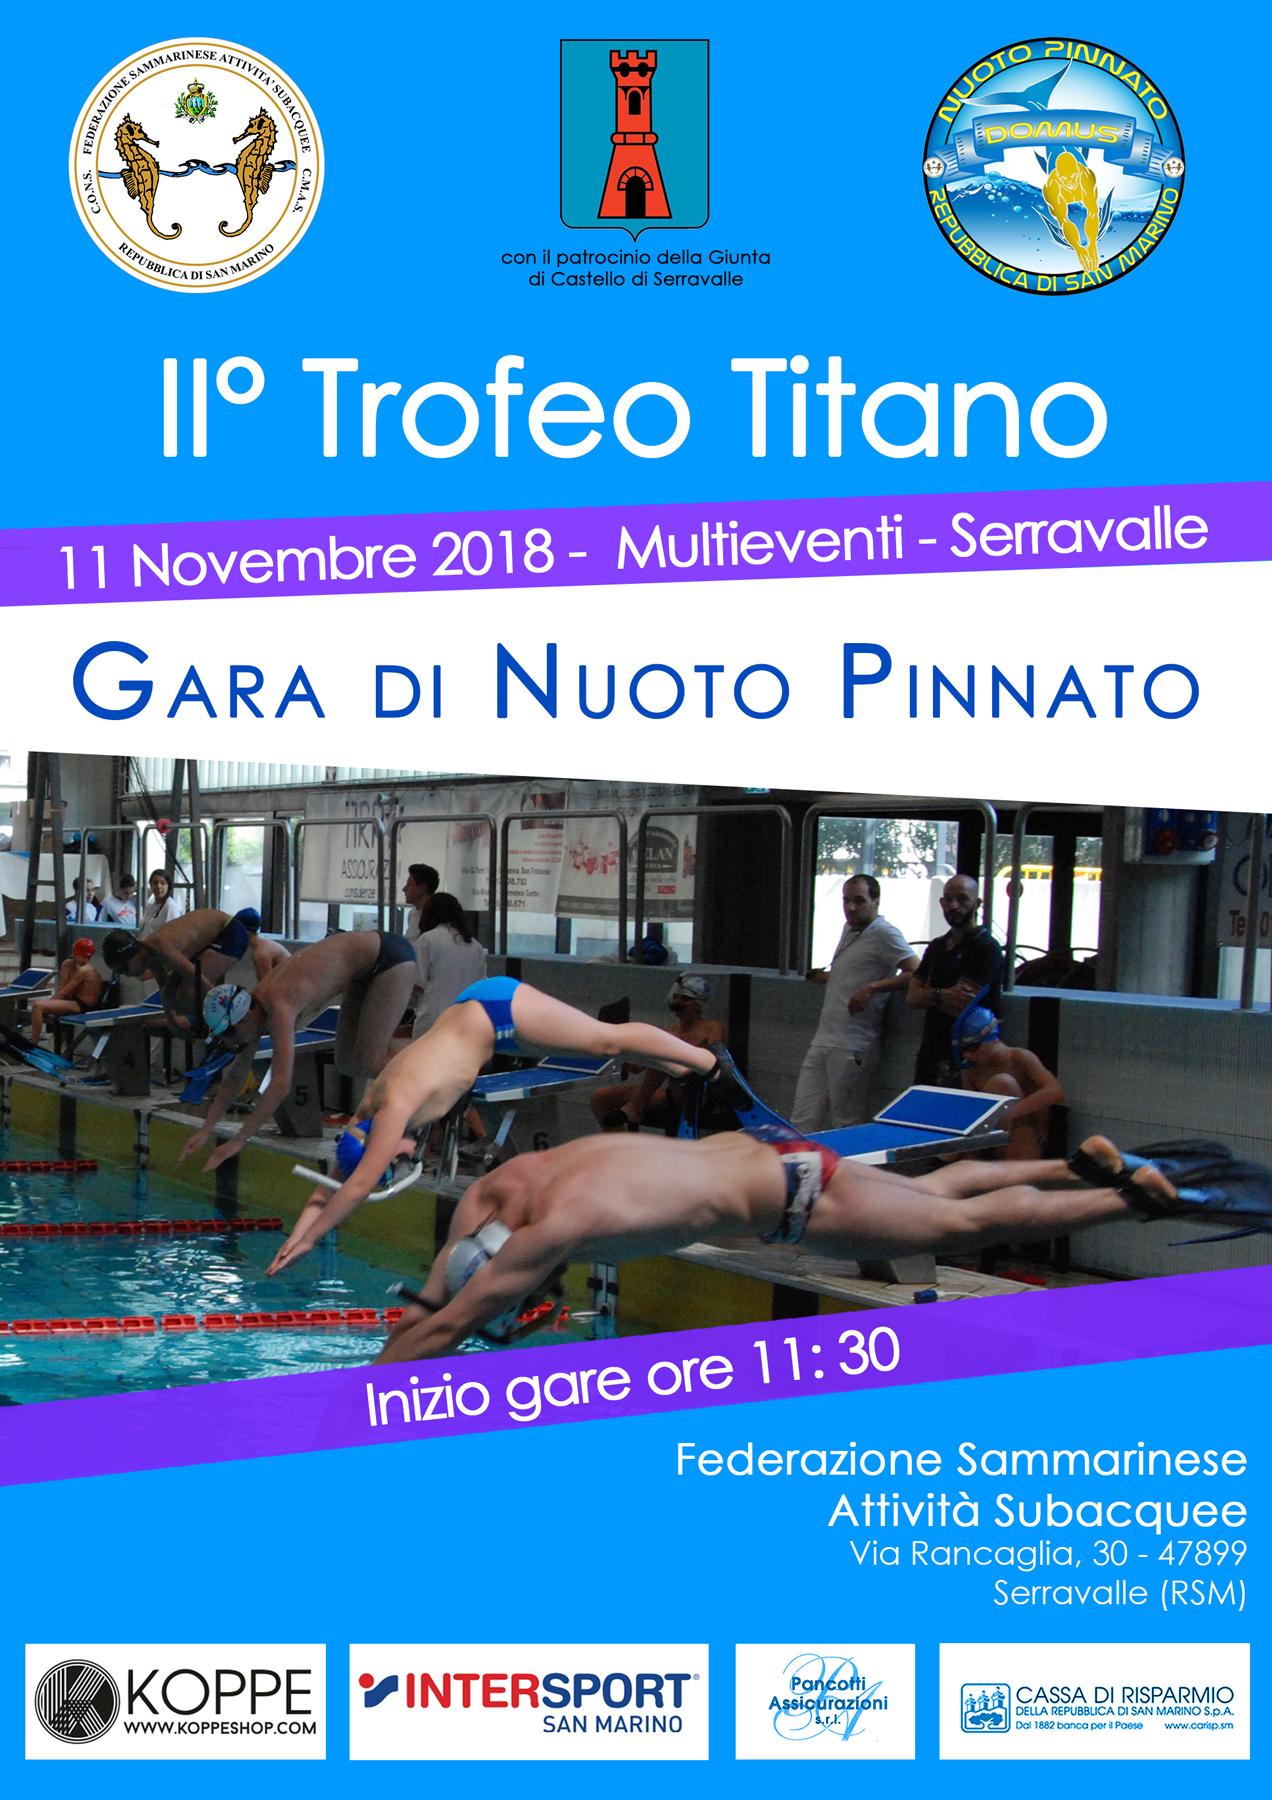 Volantino Gara Nuoto Pinnato 2018 1